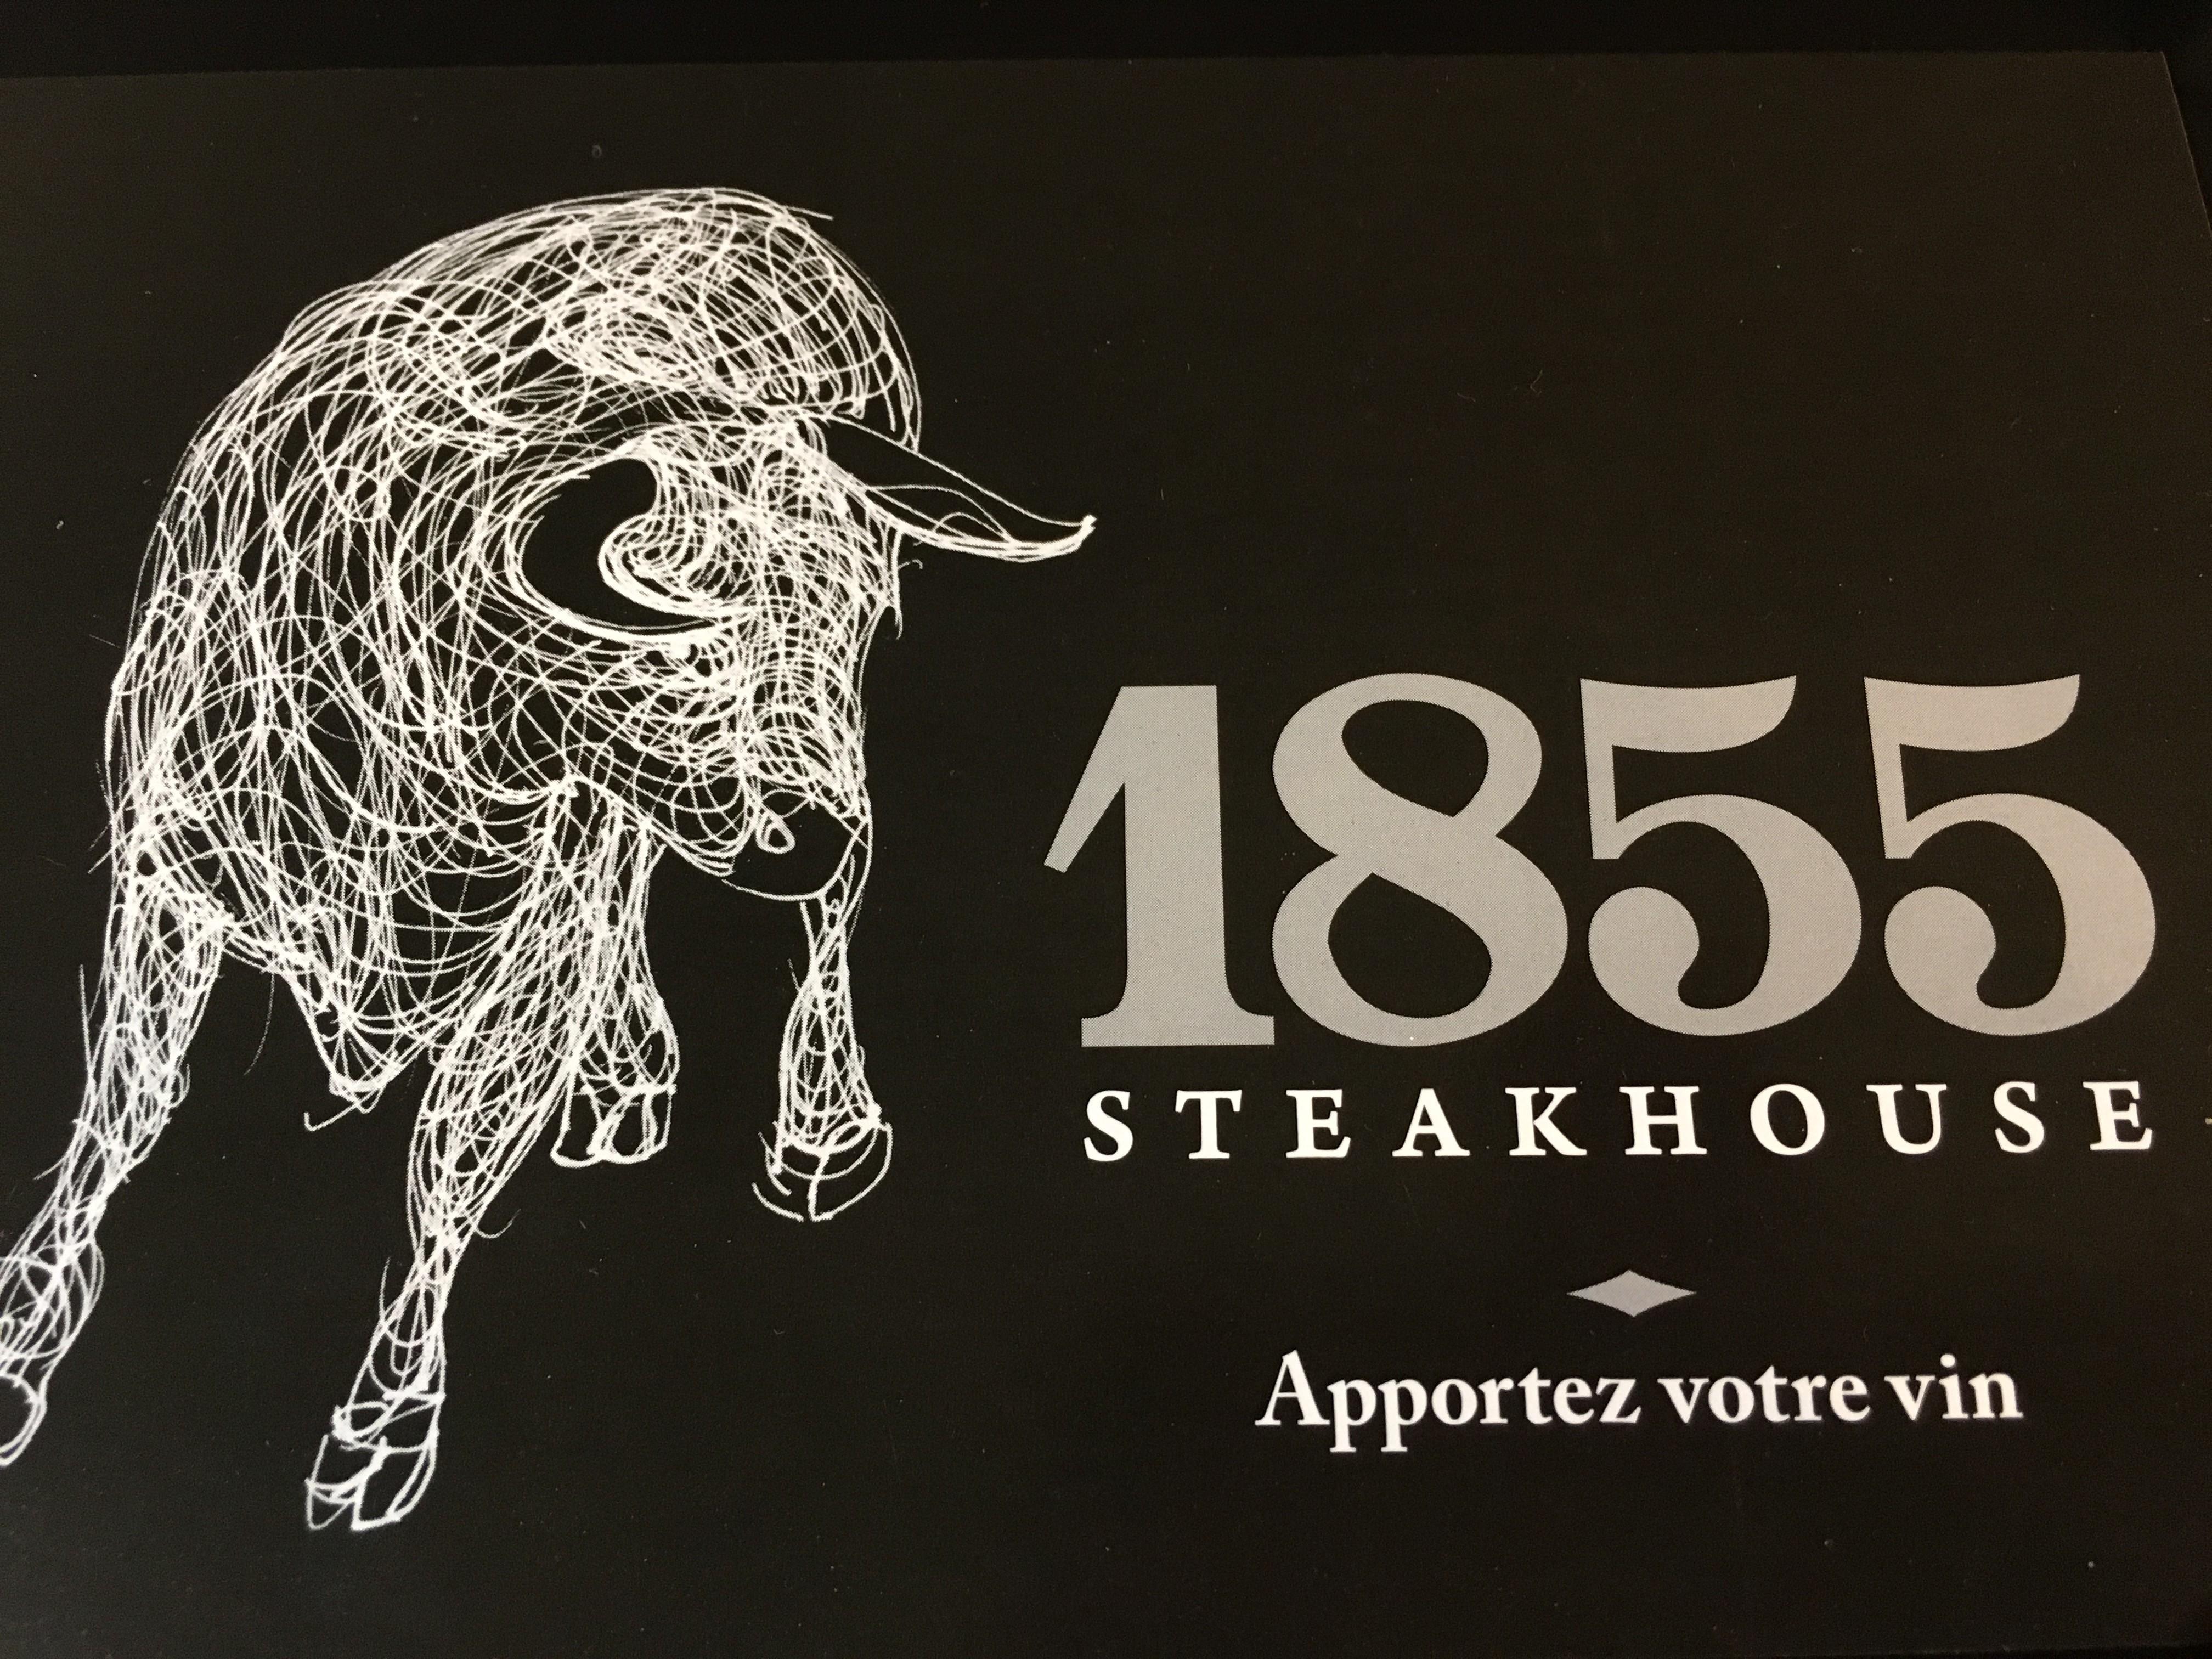 Le 1855 steakhouse logo